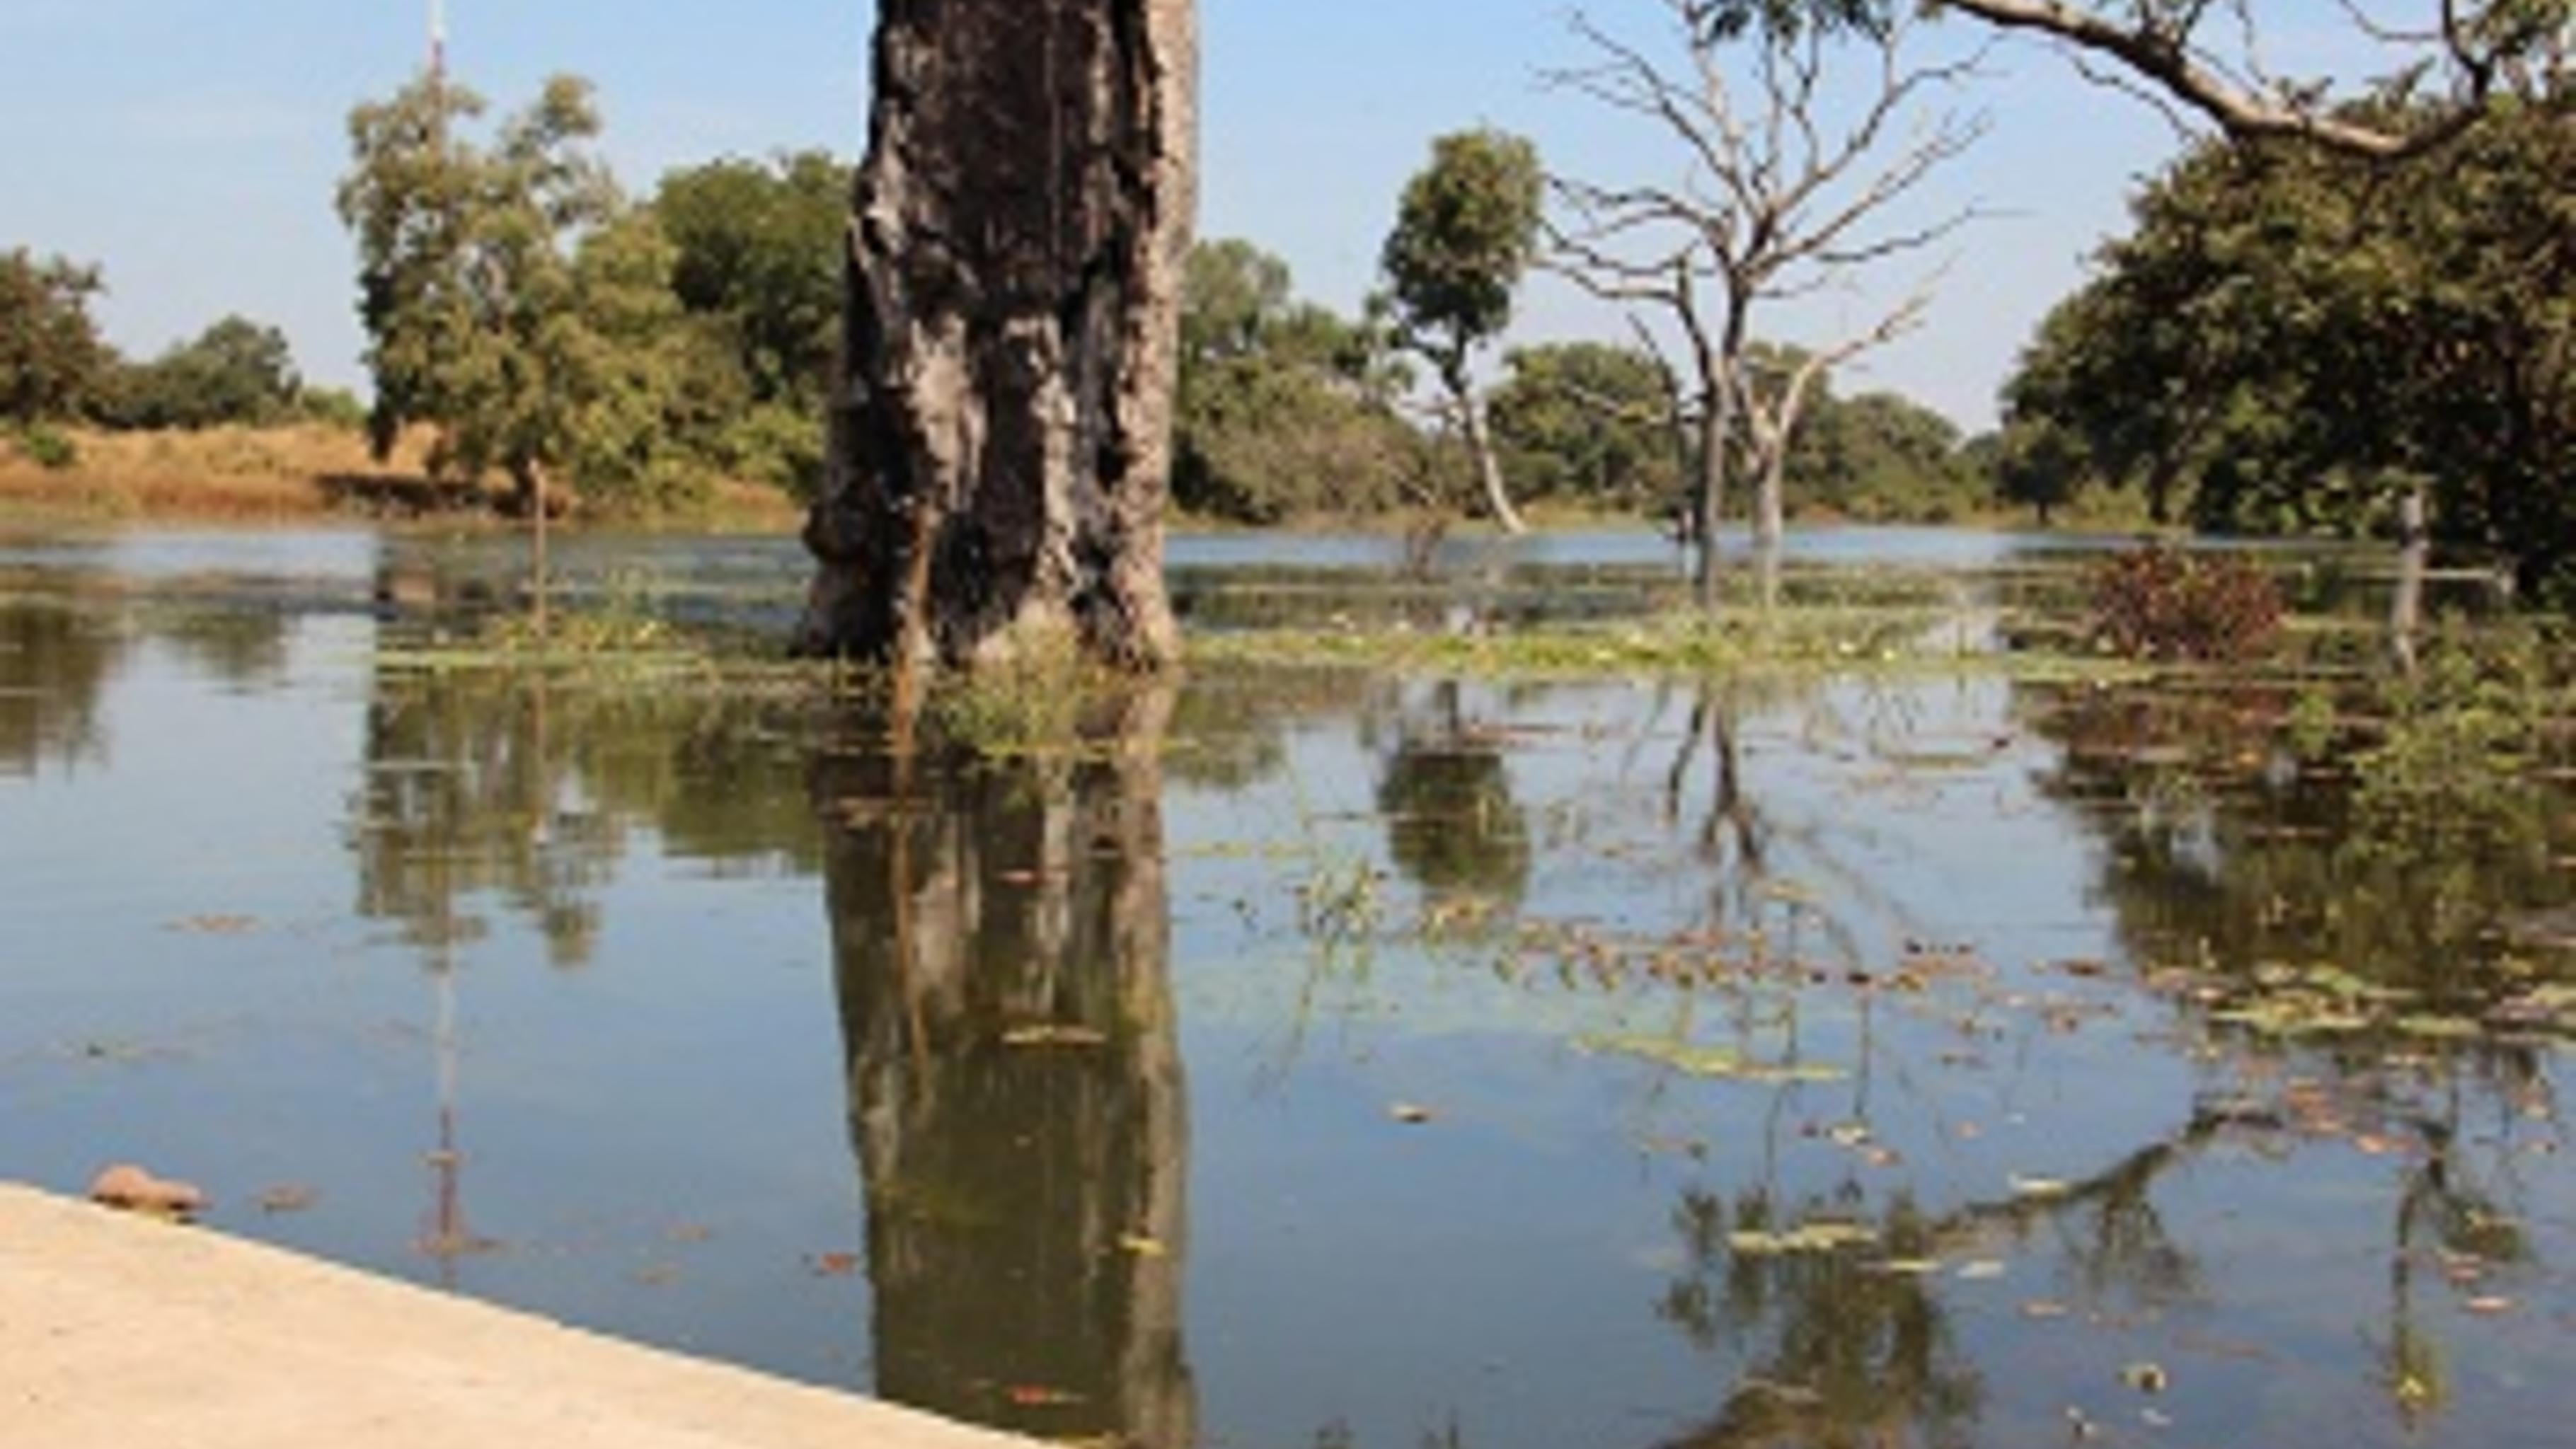 Mit dem Damm wird das Wasser eines Bachs gestaut. ©Svenja Koch/Oxfam